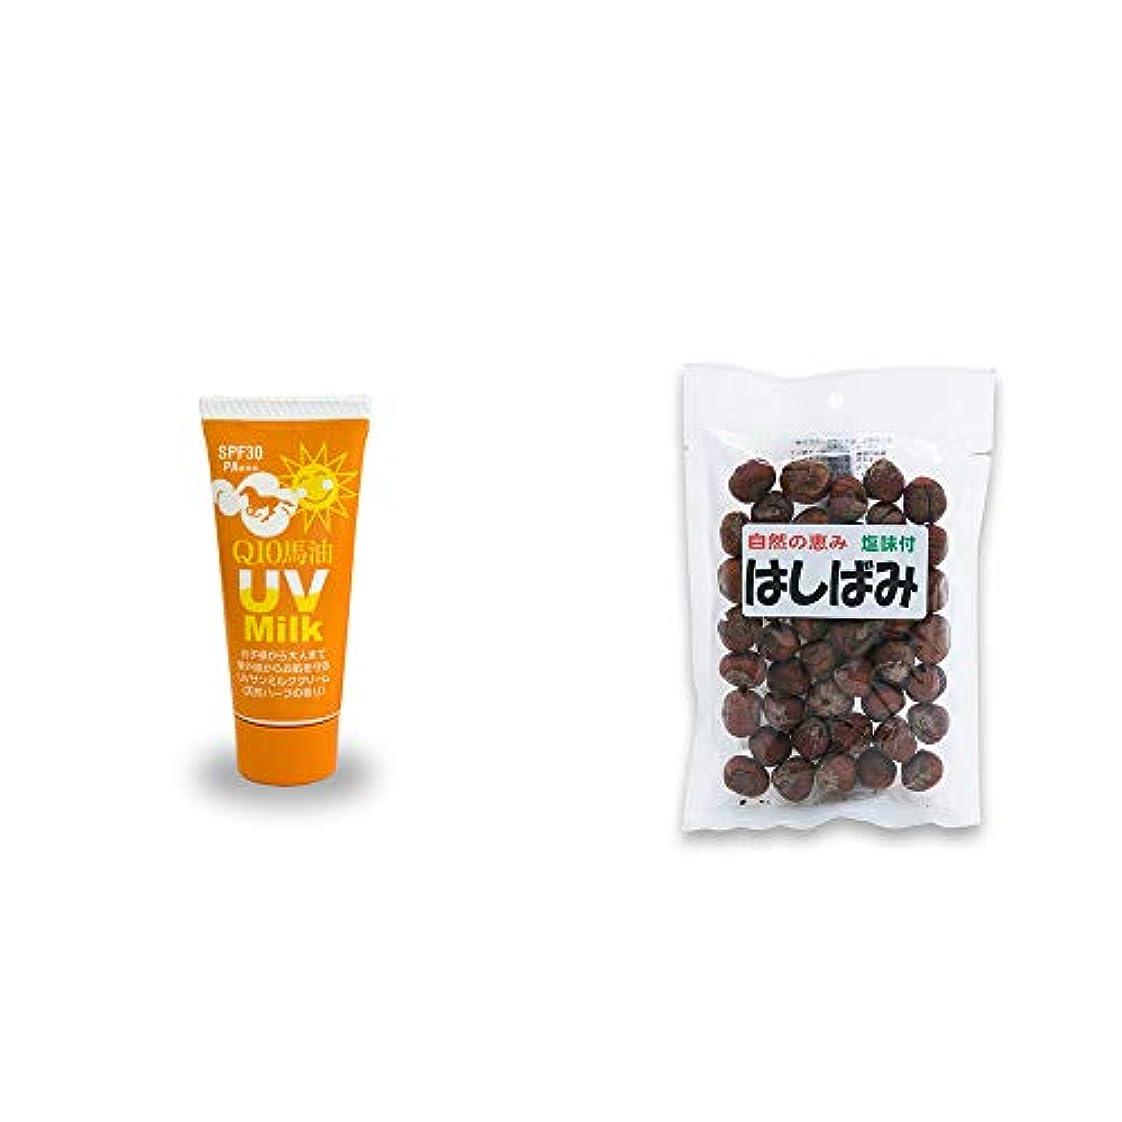 マオリ見積り極めて重要な[2点セット] 炭黒泉 Q10馬油 UVサンミルク[天然ハーブ](40g)?はしばみ(ヘーゼルナッツ)[塩味付](120g)